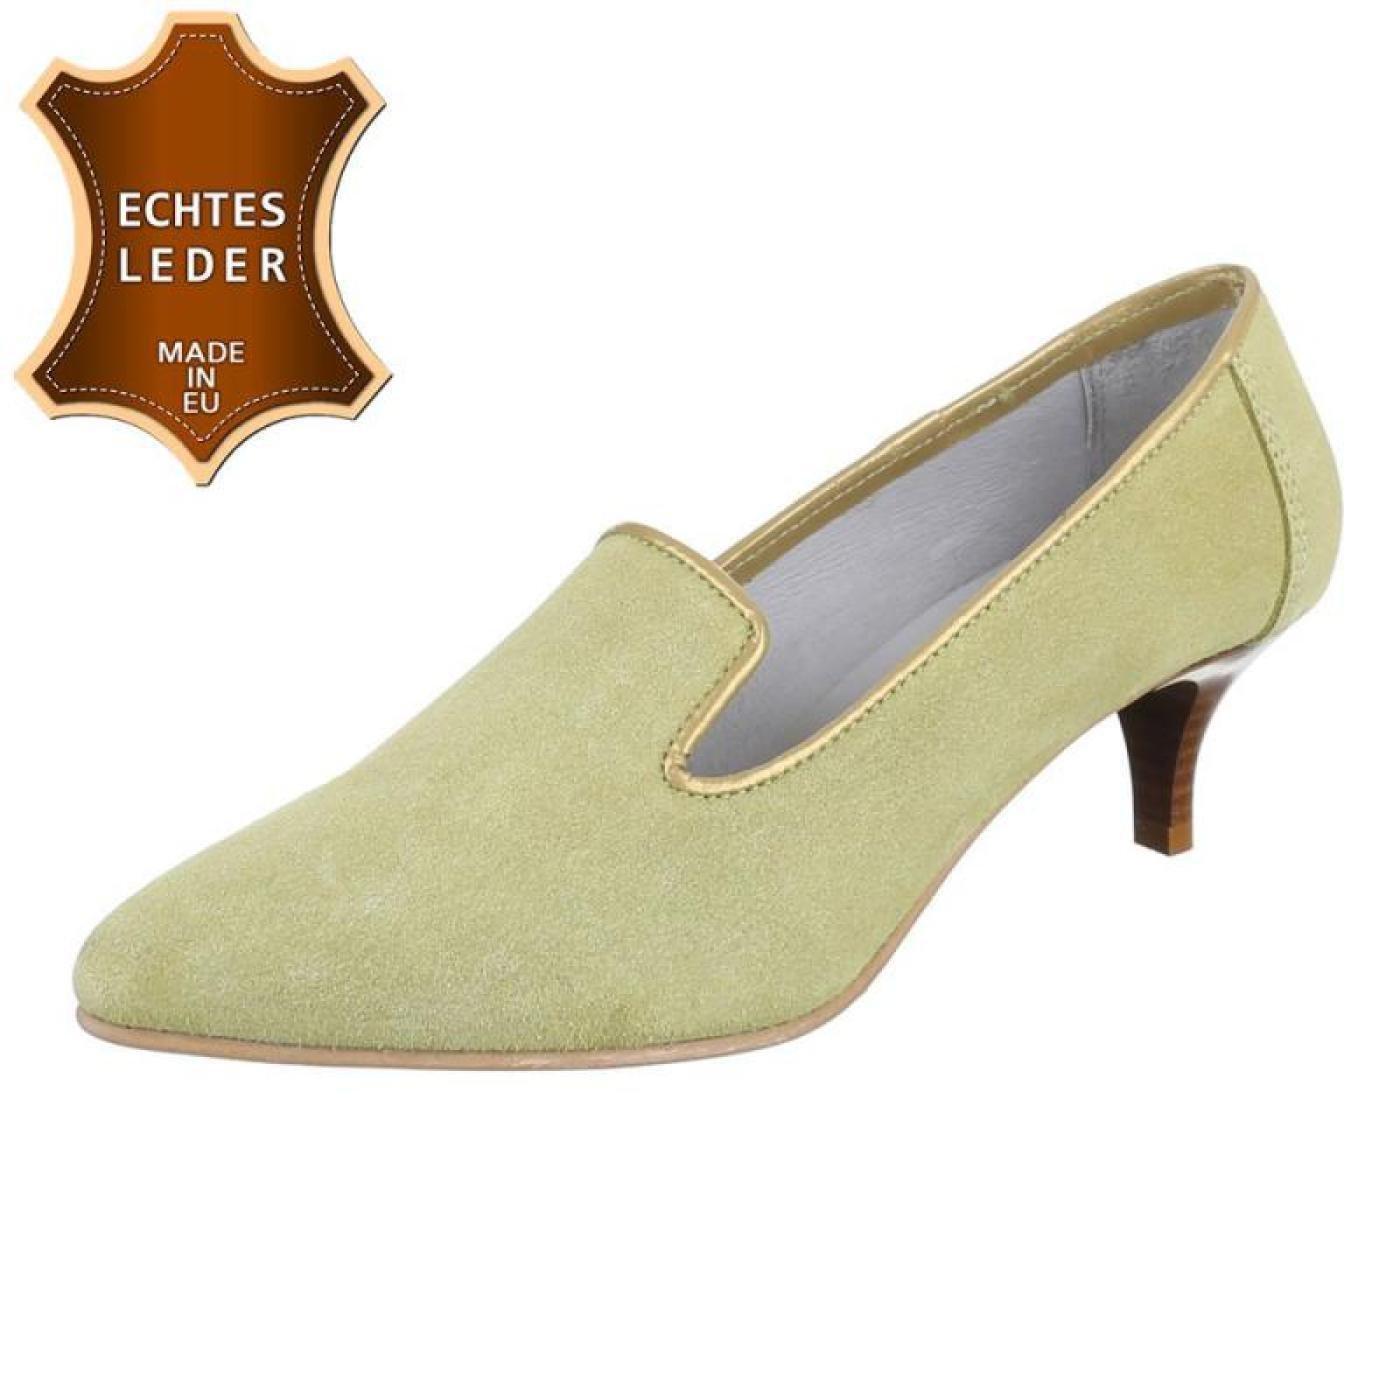 Cingant Woman Damen Damen Damen Pumps/Trichterabsatz/High Heels/Damenschuhe/Elegante Schuhe/Leder/Lemon/Beige - 71e5d0